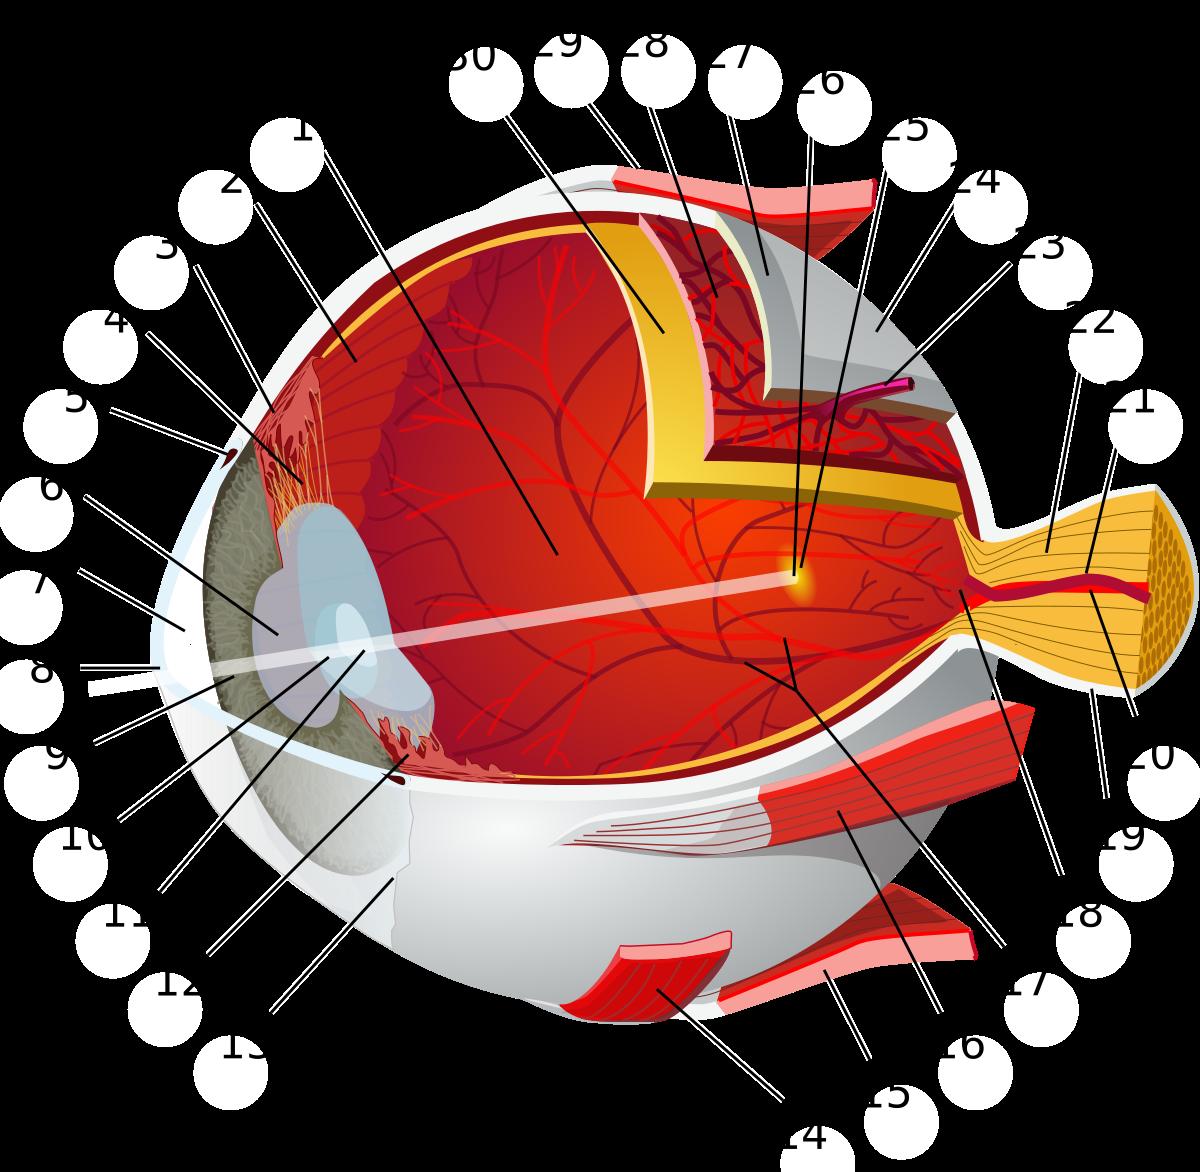 terápiás gyakorlatok hyperopia myopia dioptriák és százalékok